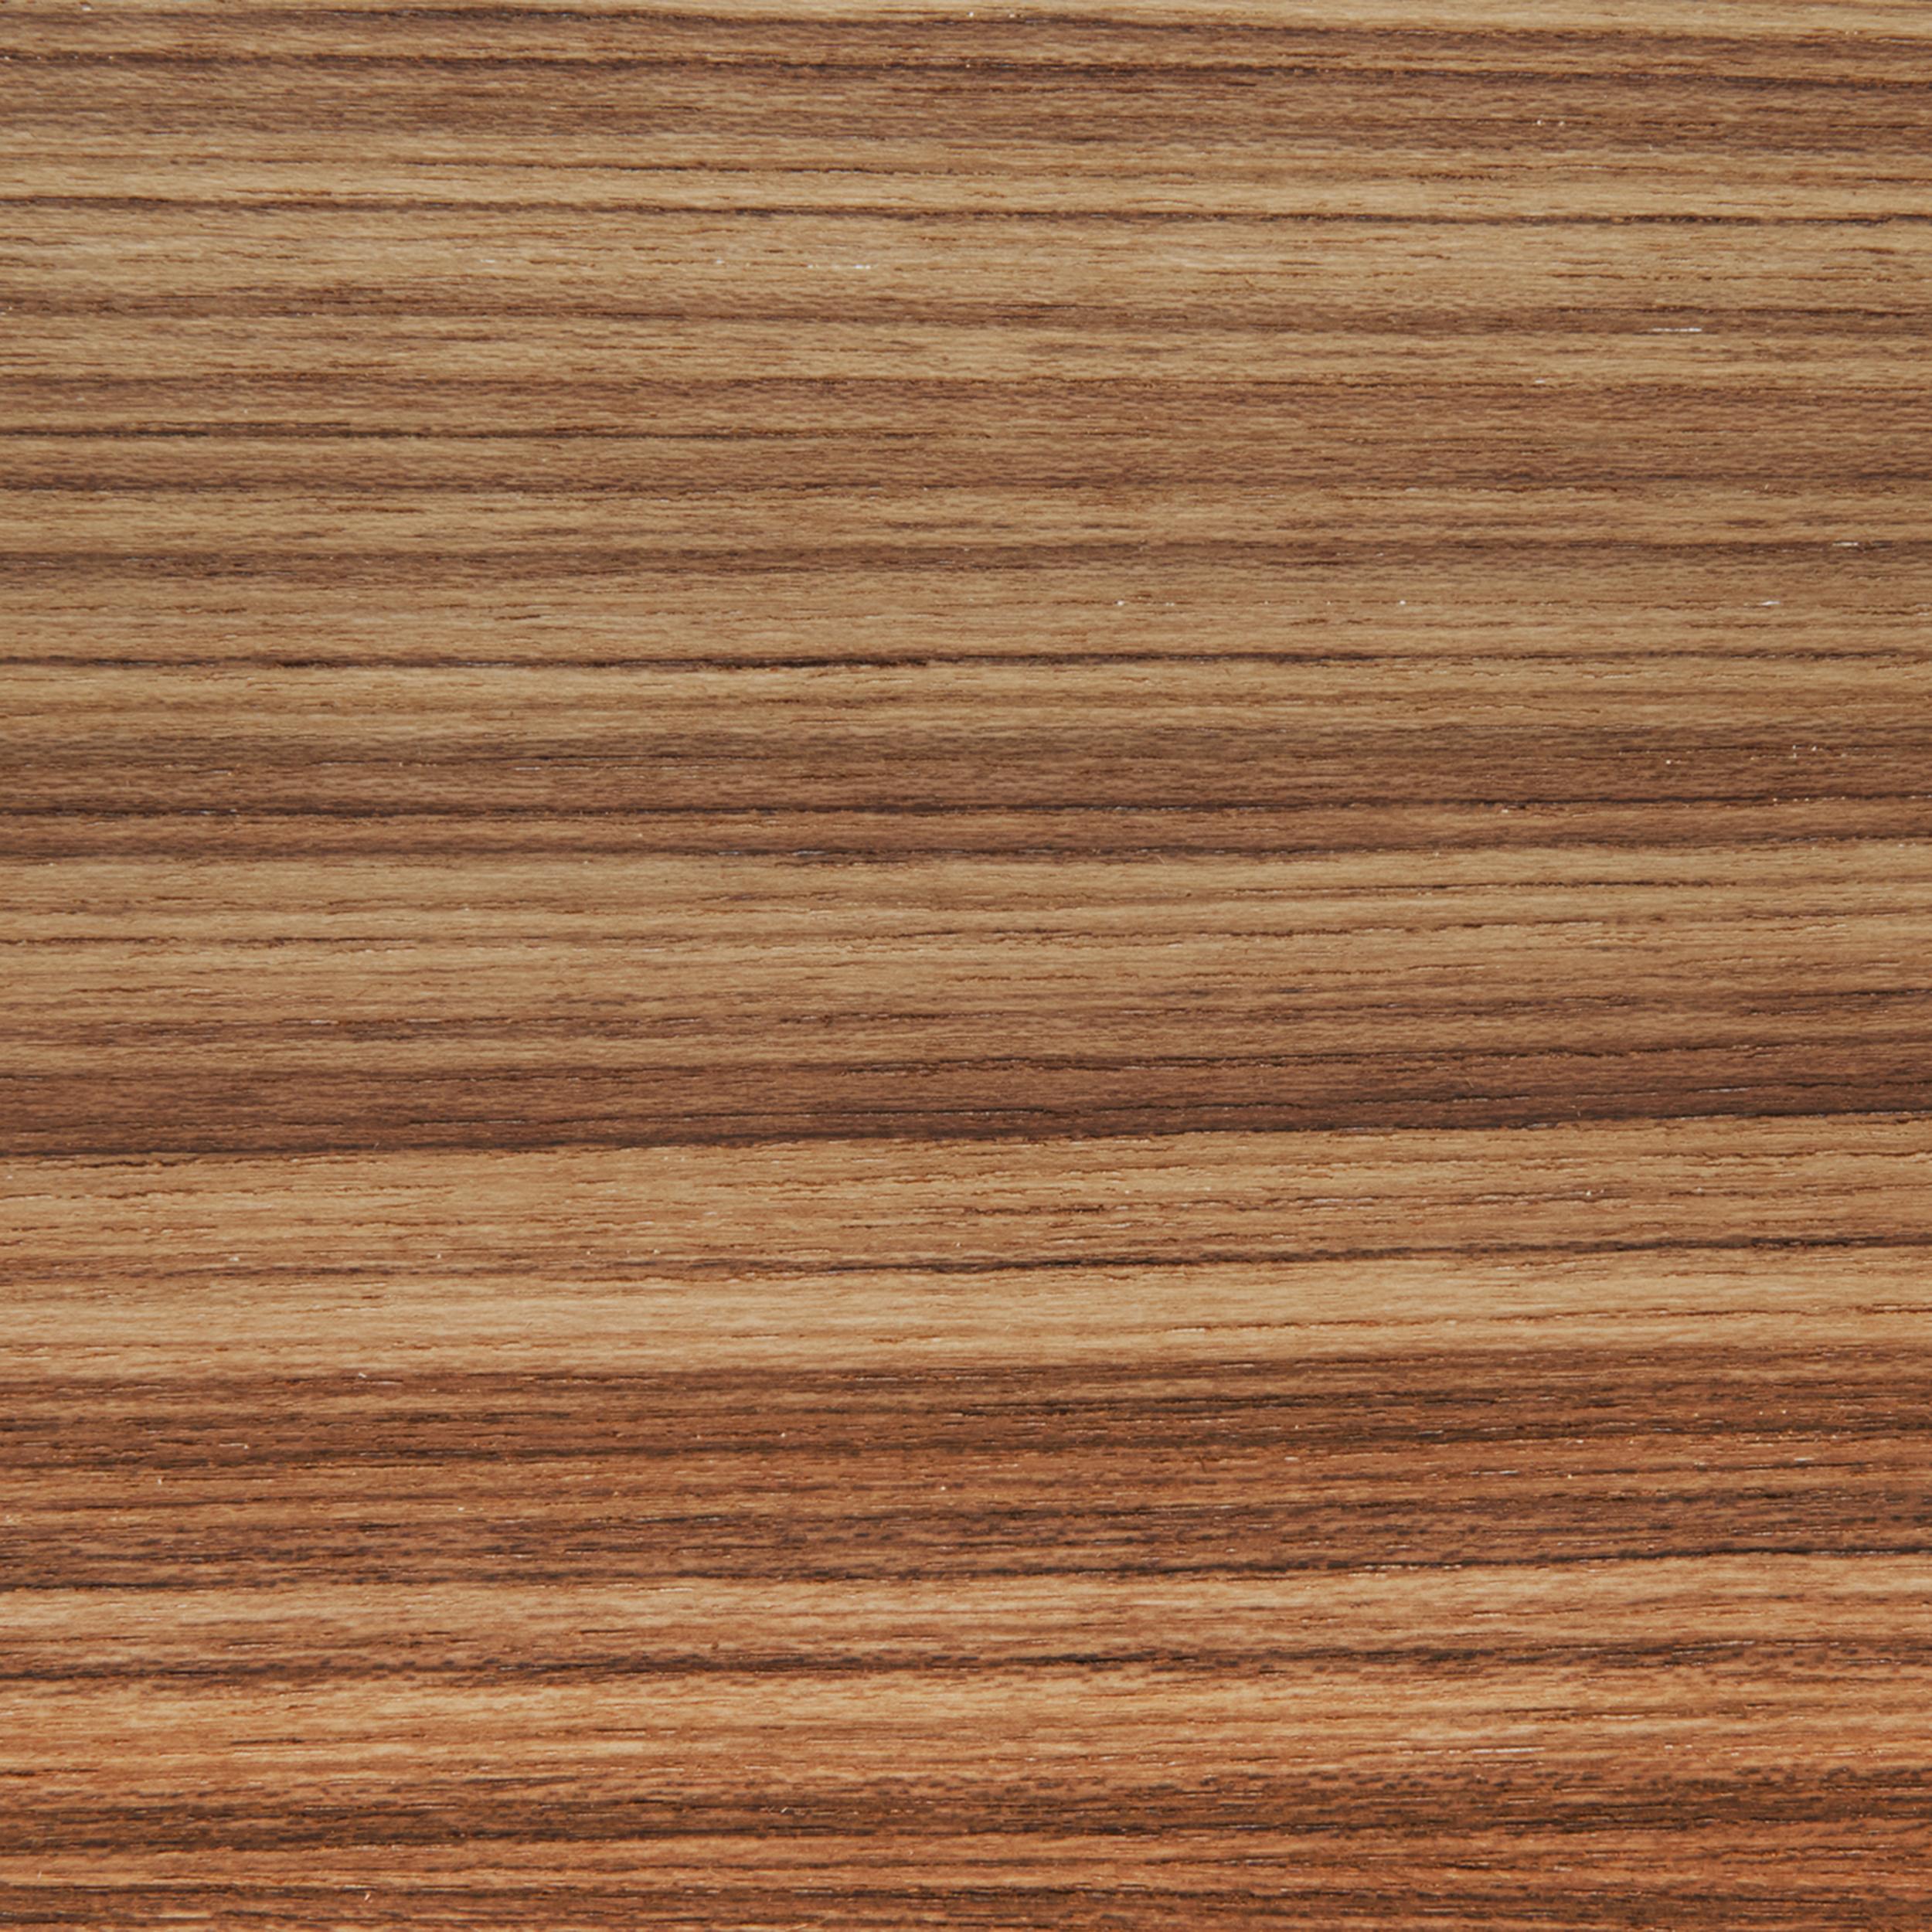 Teak Veneer Sheet Quarter Cut 4' x 8' 2-Ply Wood on Wood